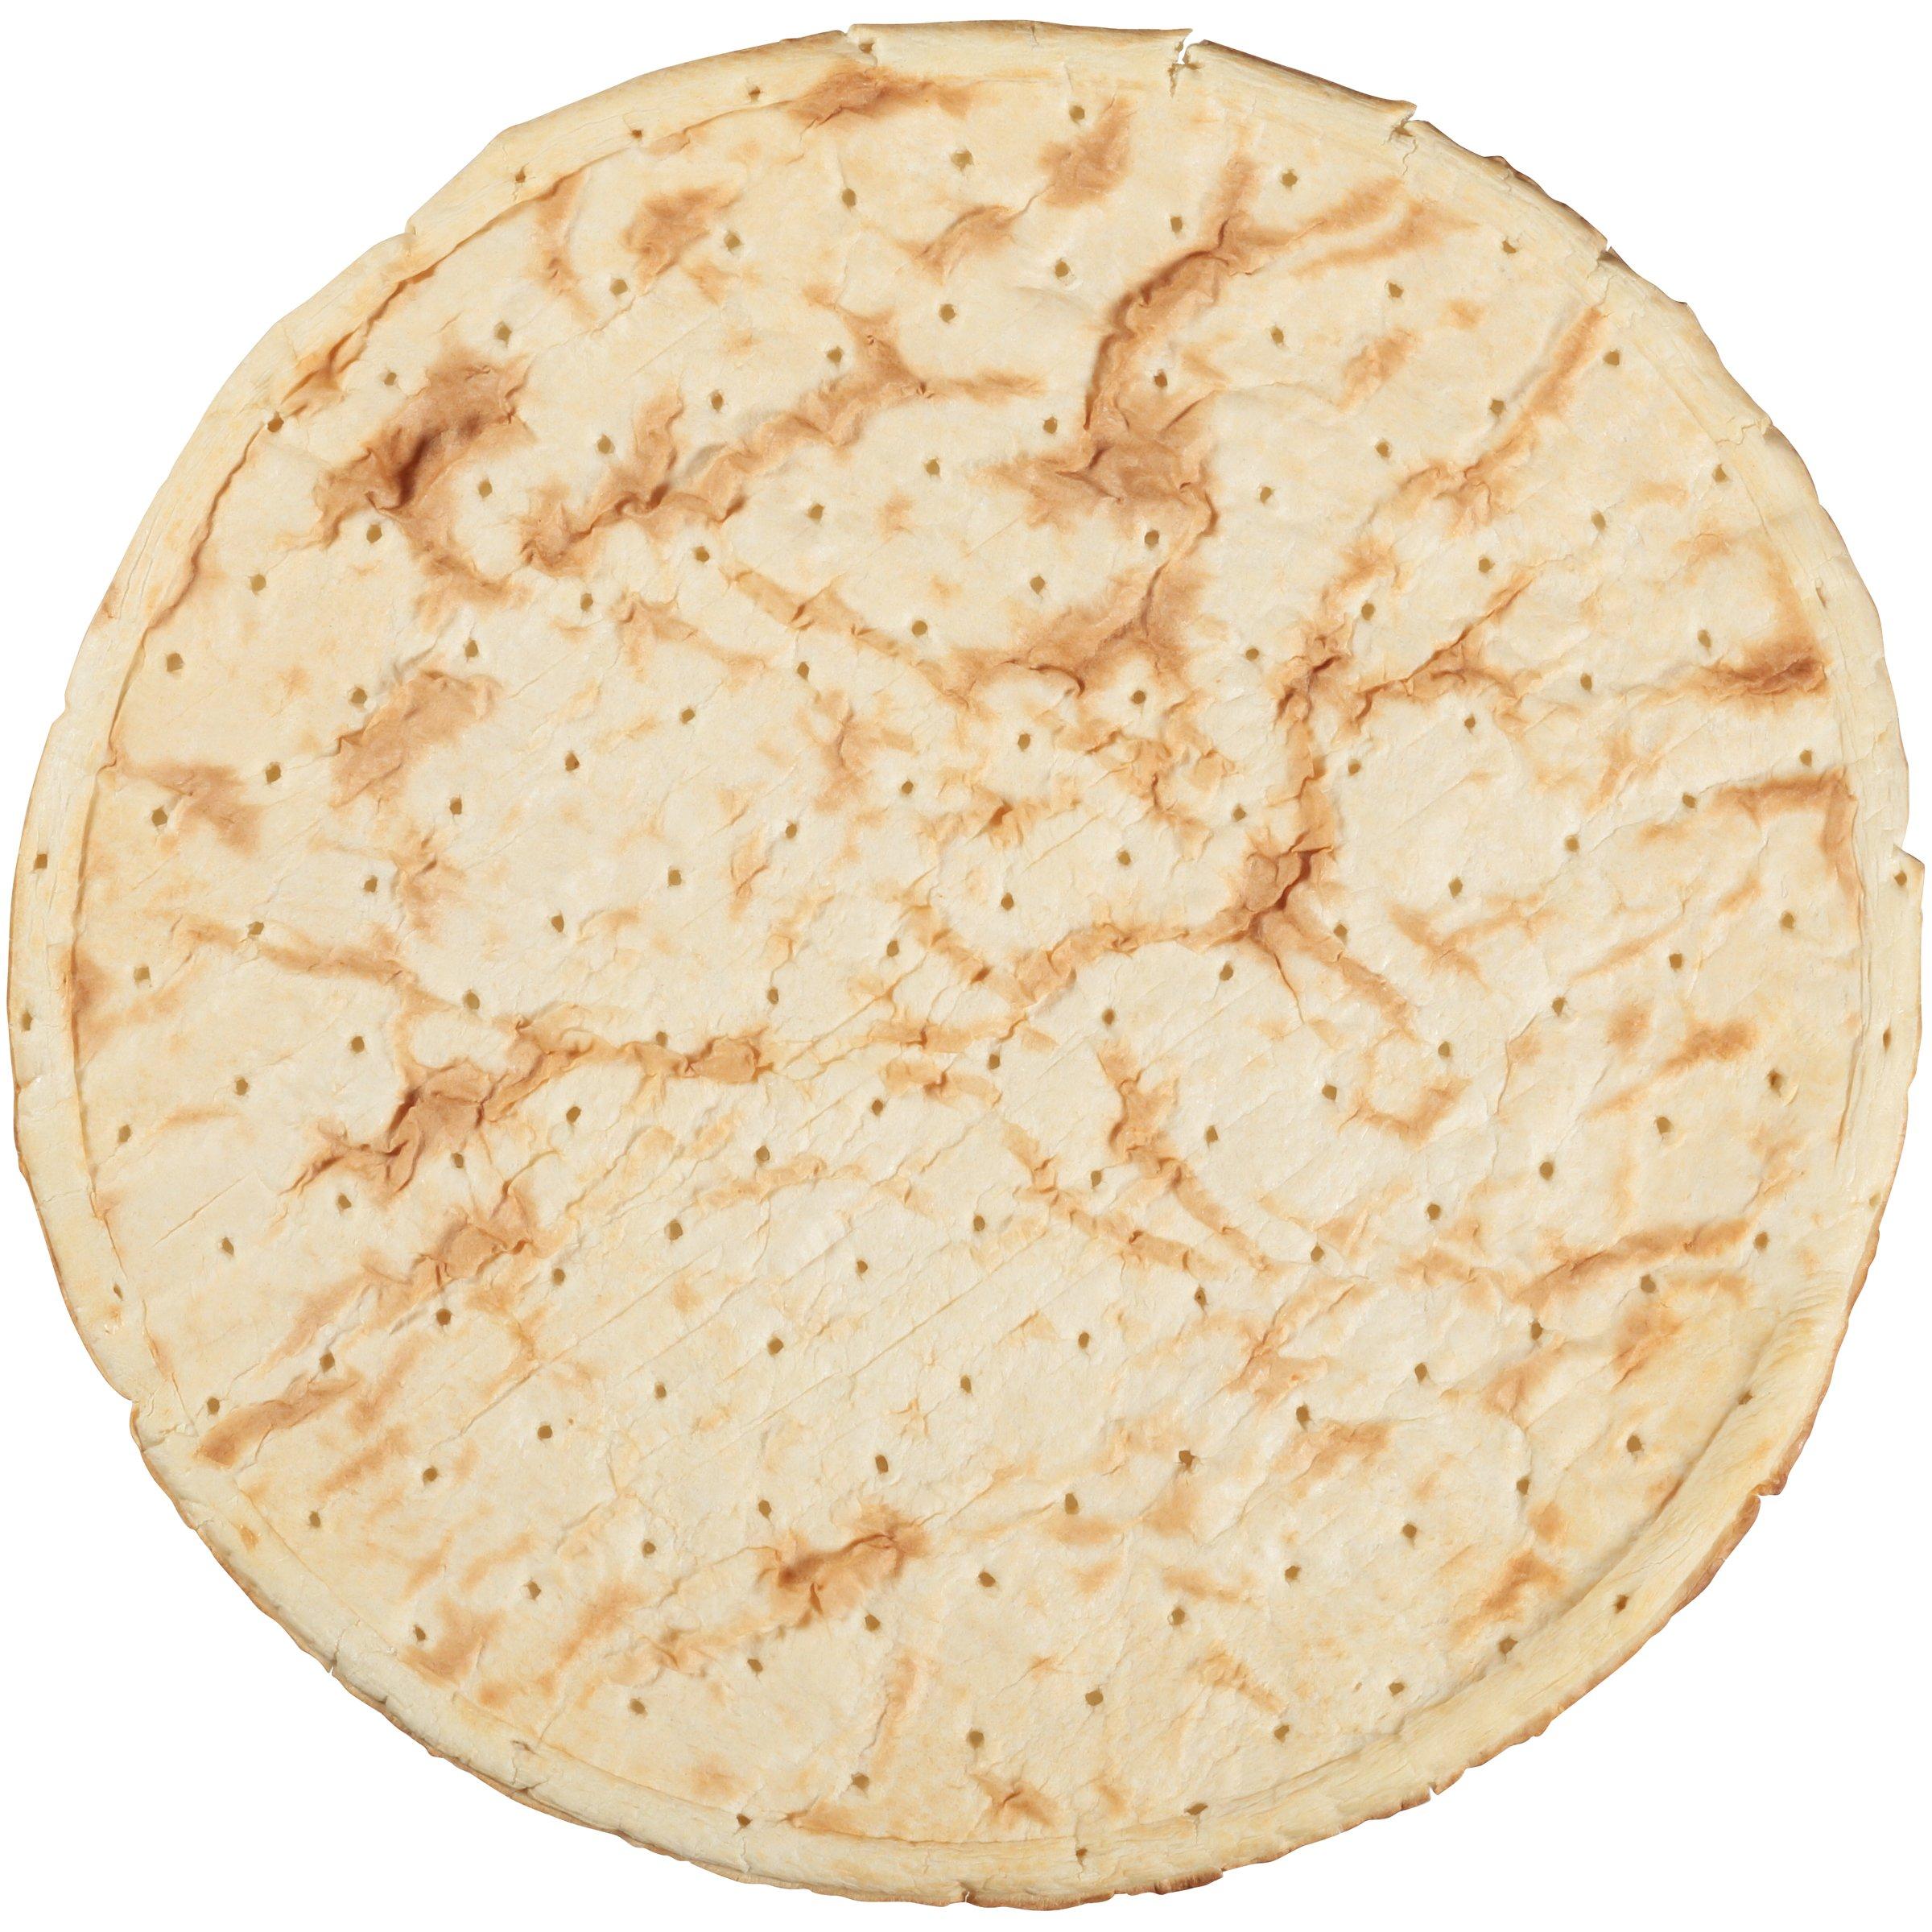 Bonici Neopolitan Thin Par-Baked Pizza Crusts, 21.3 lb